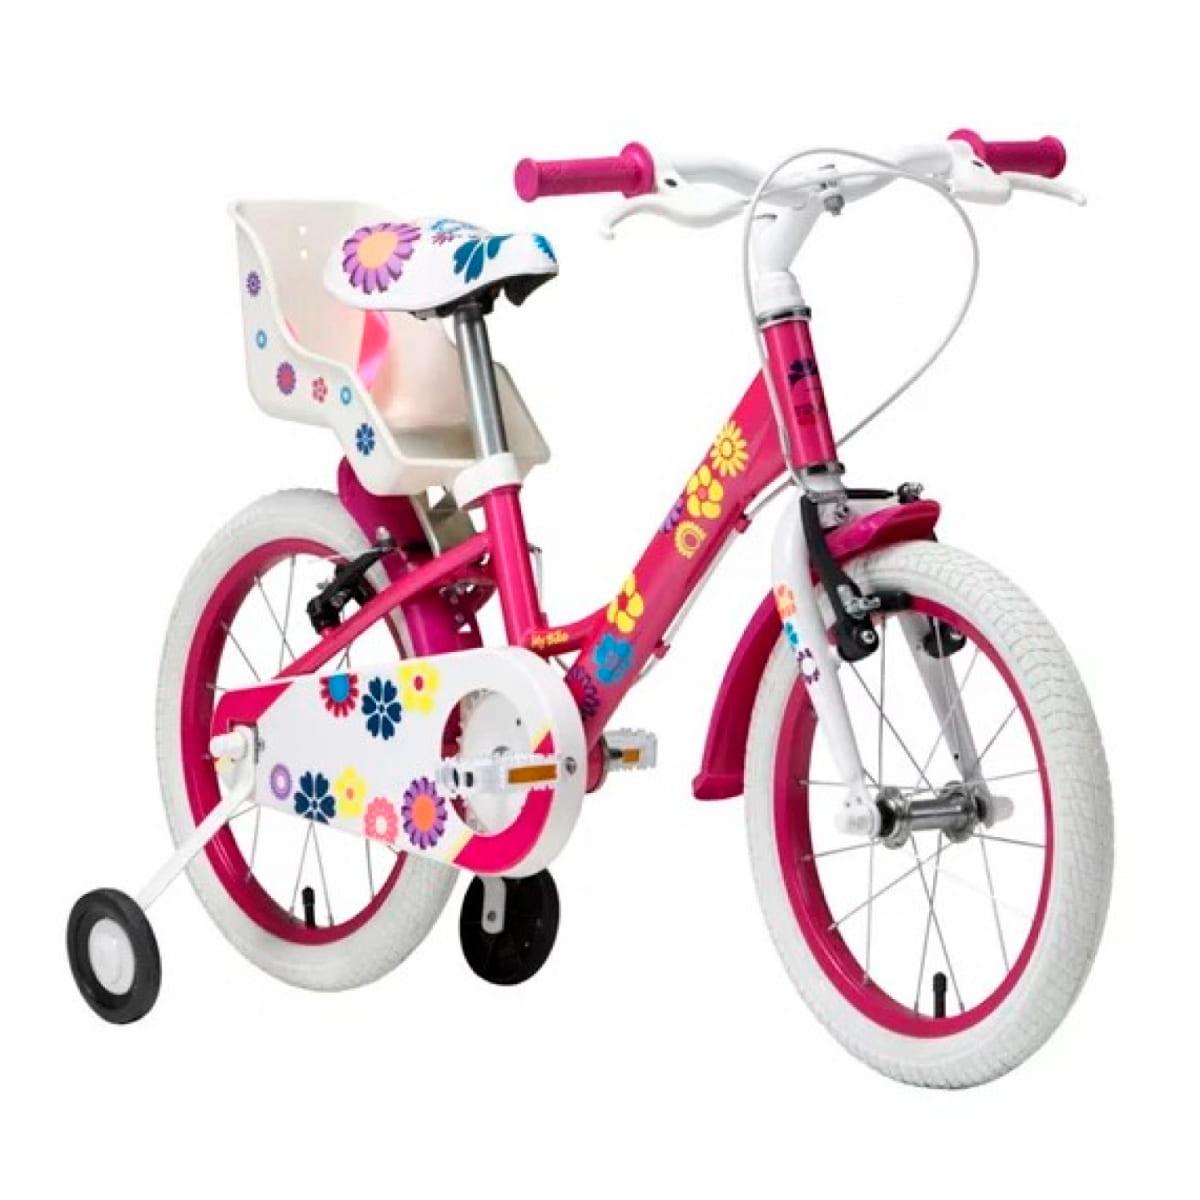 Bicicleta Groove Aro 16 Rosa